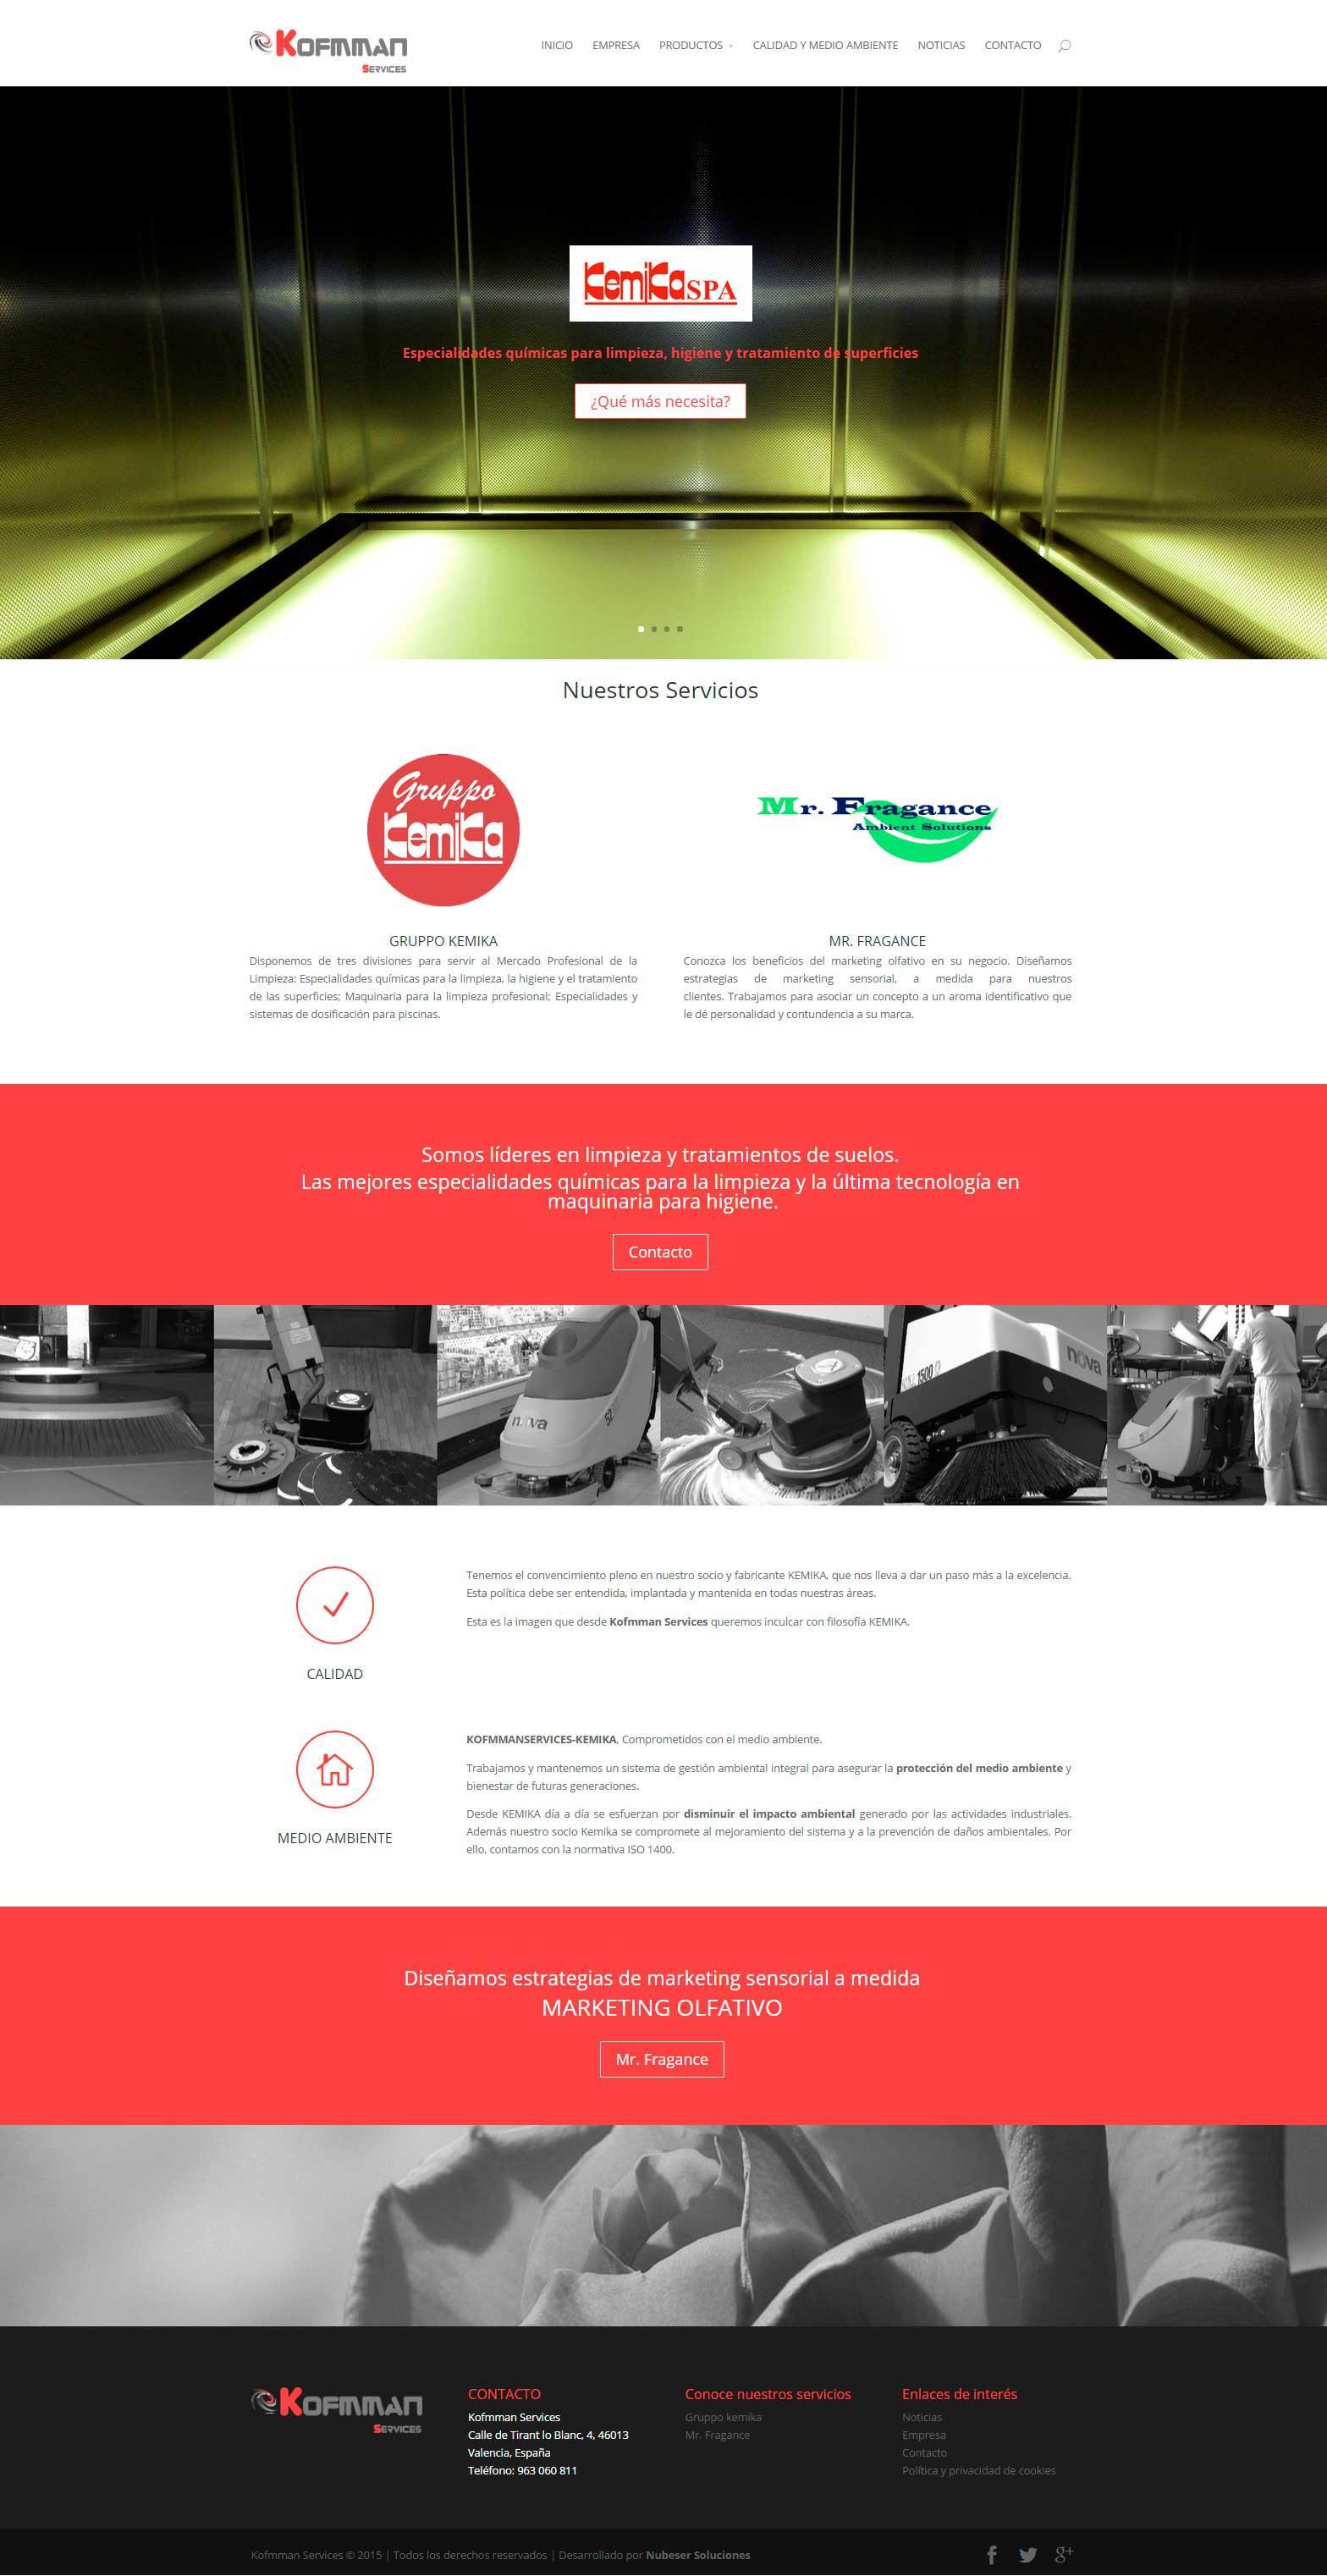 Kofmman: Diseño web responsive&&en_ciudad&&. Diseño web wordpress&&ciudad&&.